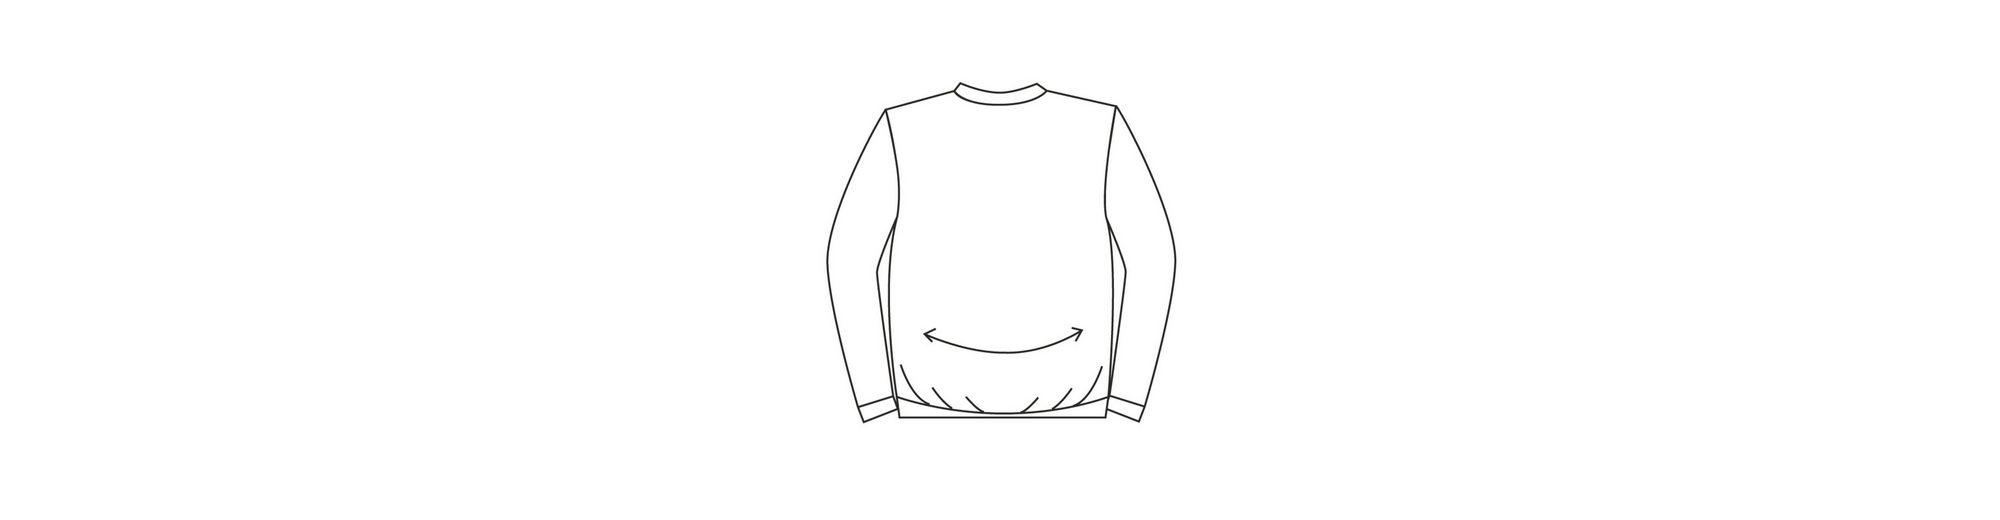 Extrem Zum Verkauf Men Plus by Happy Size Spezial-Bauchschnitt Sweatshirt mit Kapuze Outlet Günstigen Preisen Freies Verschiffen 2018 Unisex Große Diskont Online Angebote Günstigen Preis i9mltzXUAk